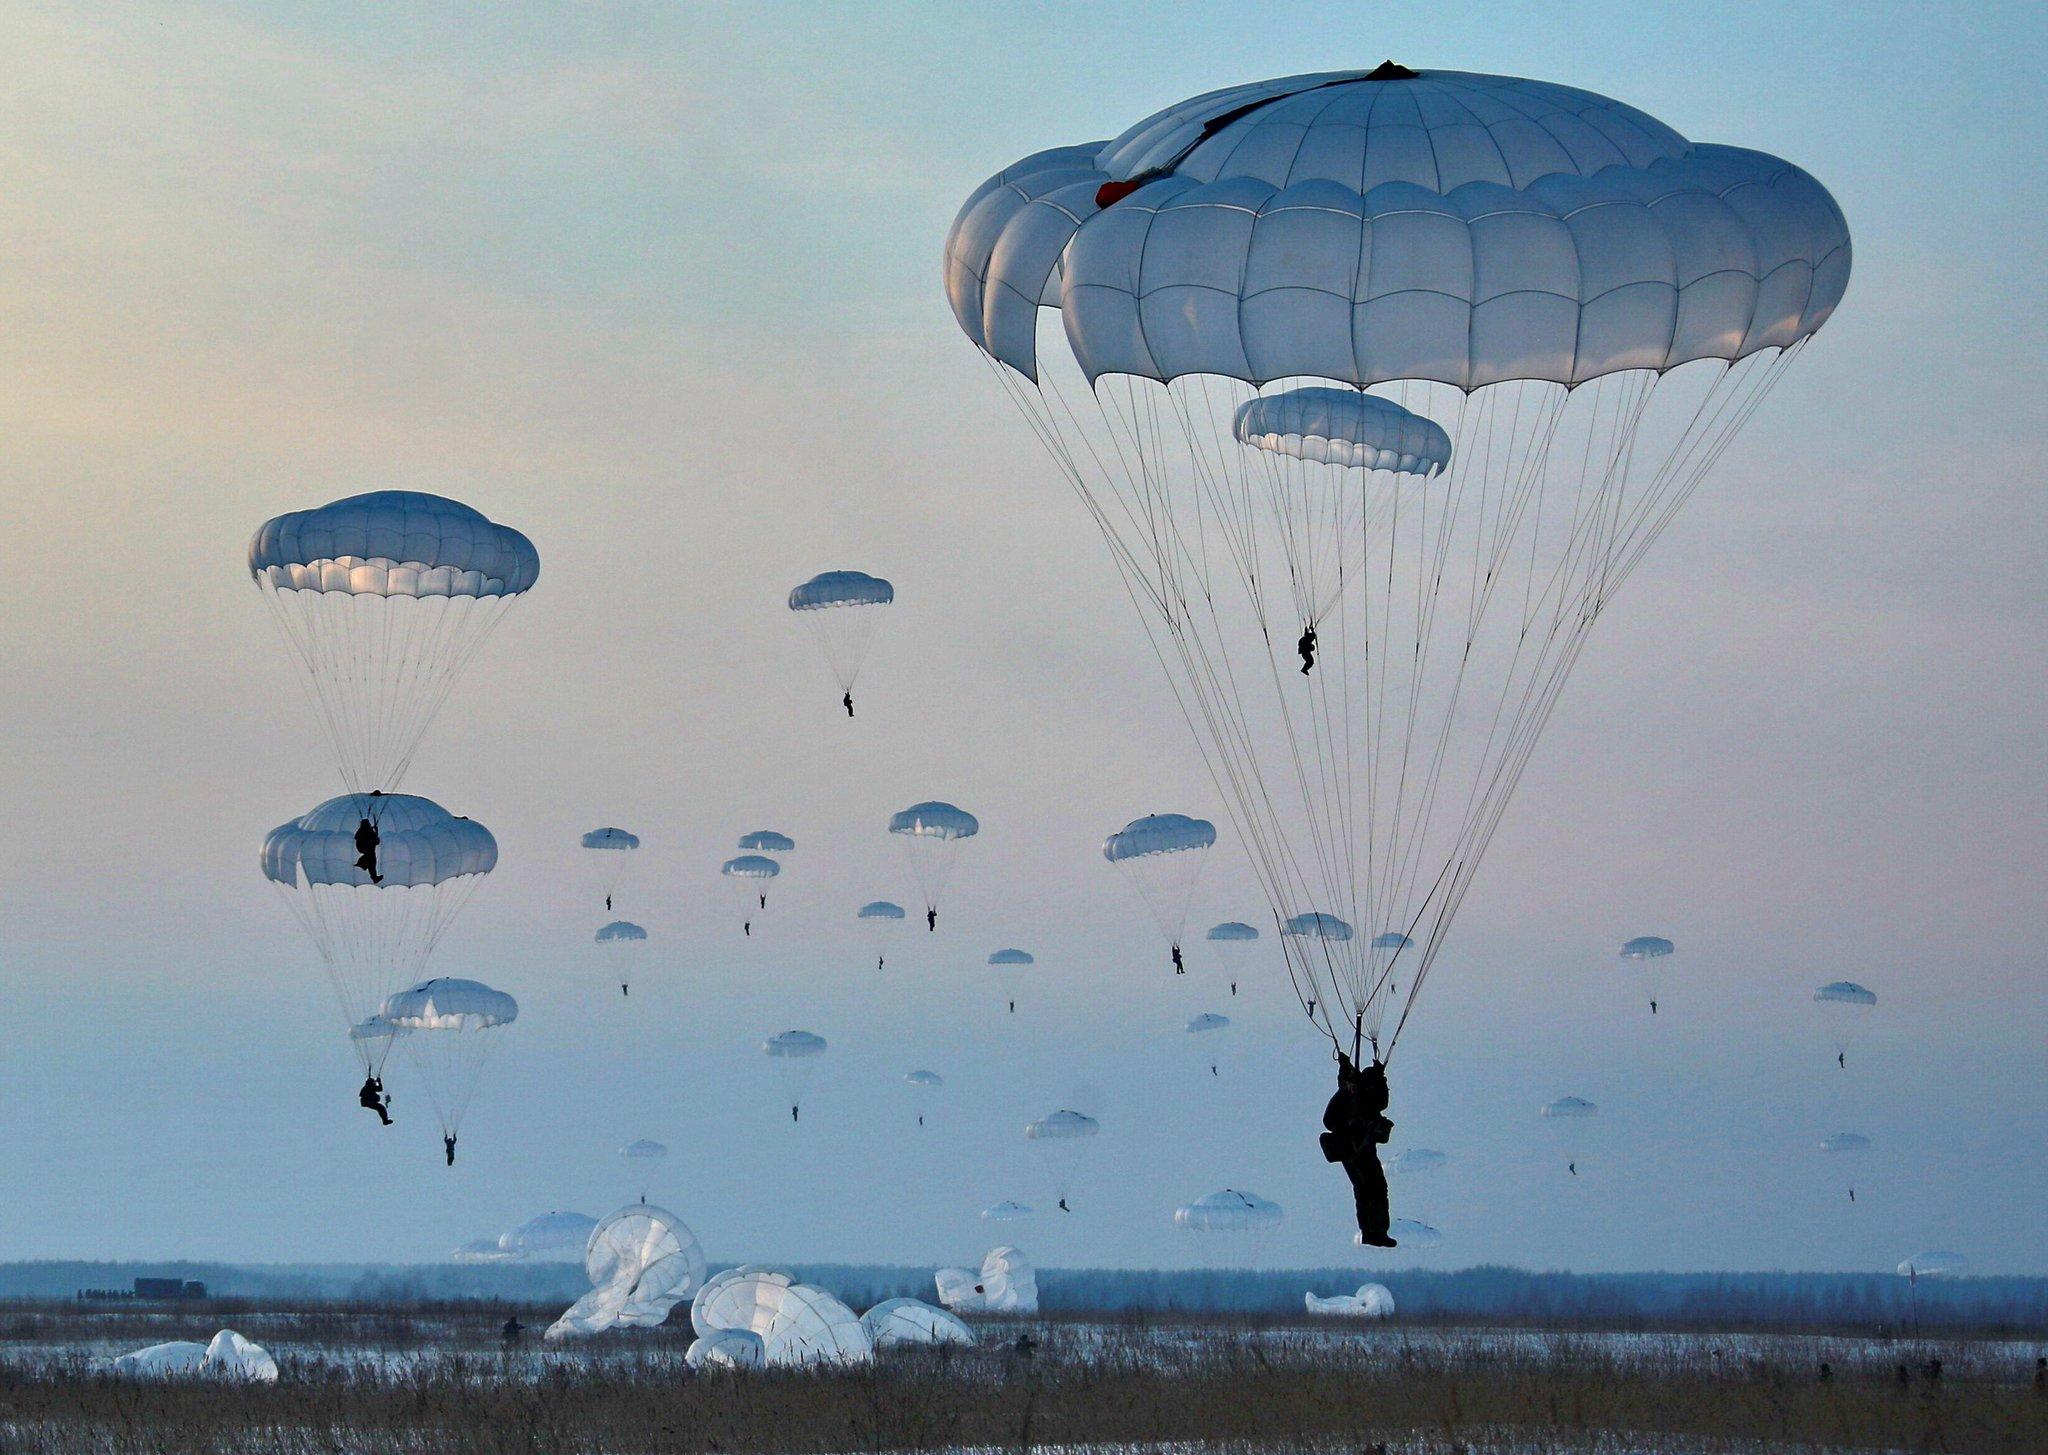 фото парашютистов вдв в небе этого